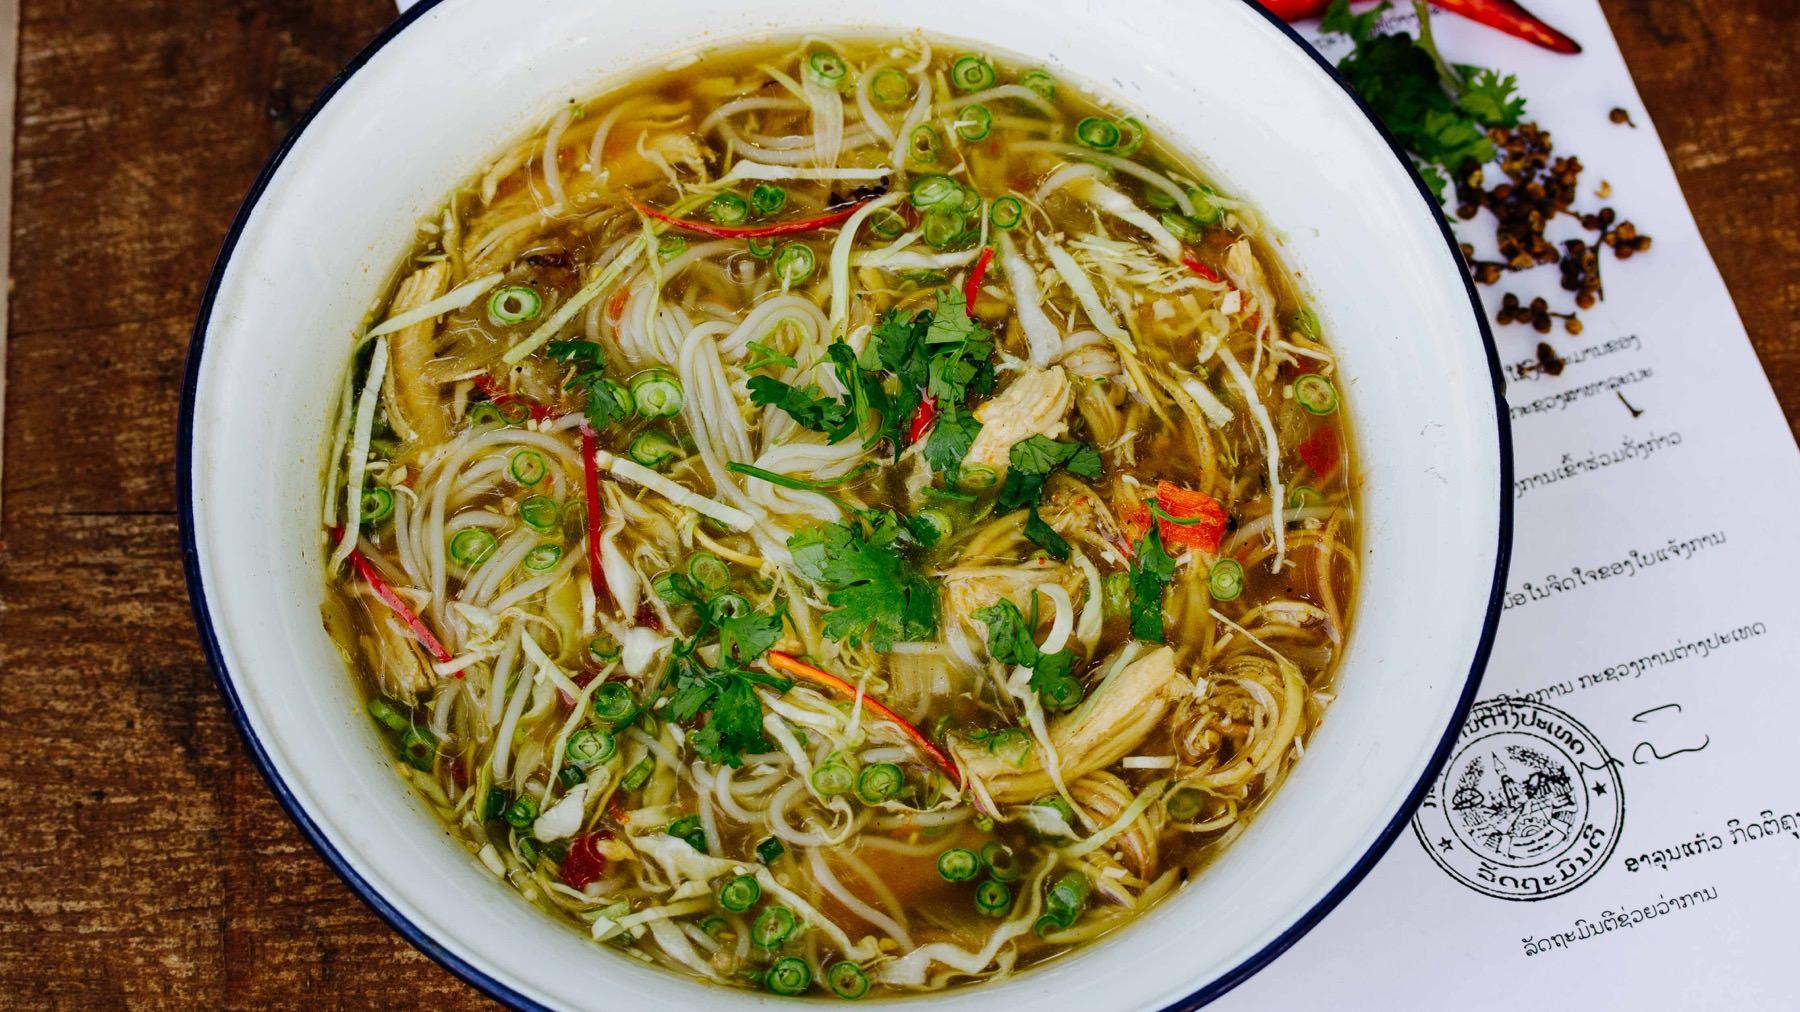 Hühnersuppe Xieng Khouang mit Szechuan Pfeffer